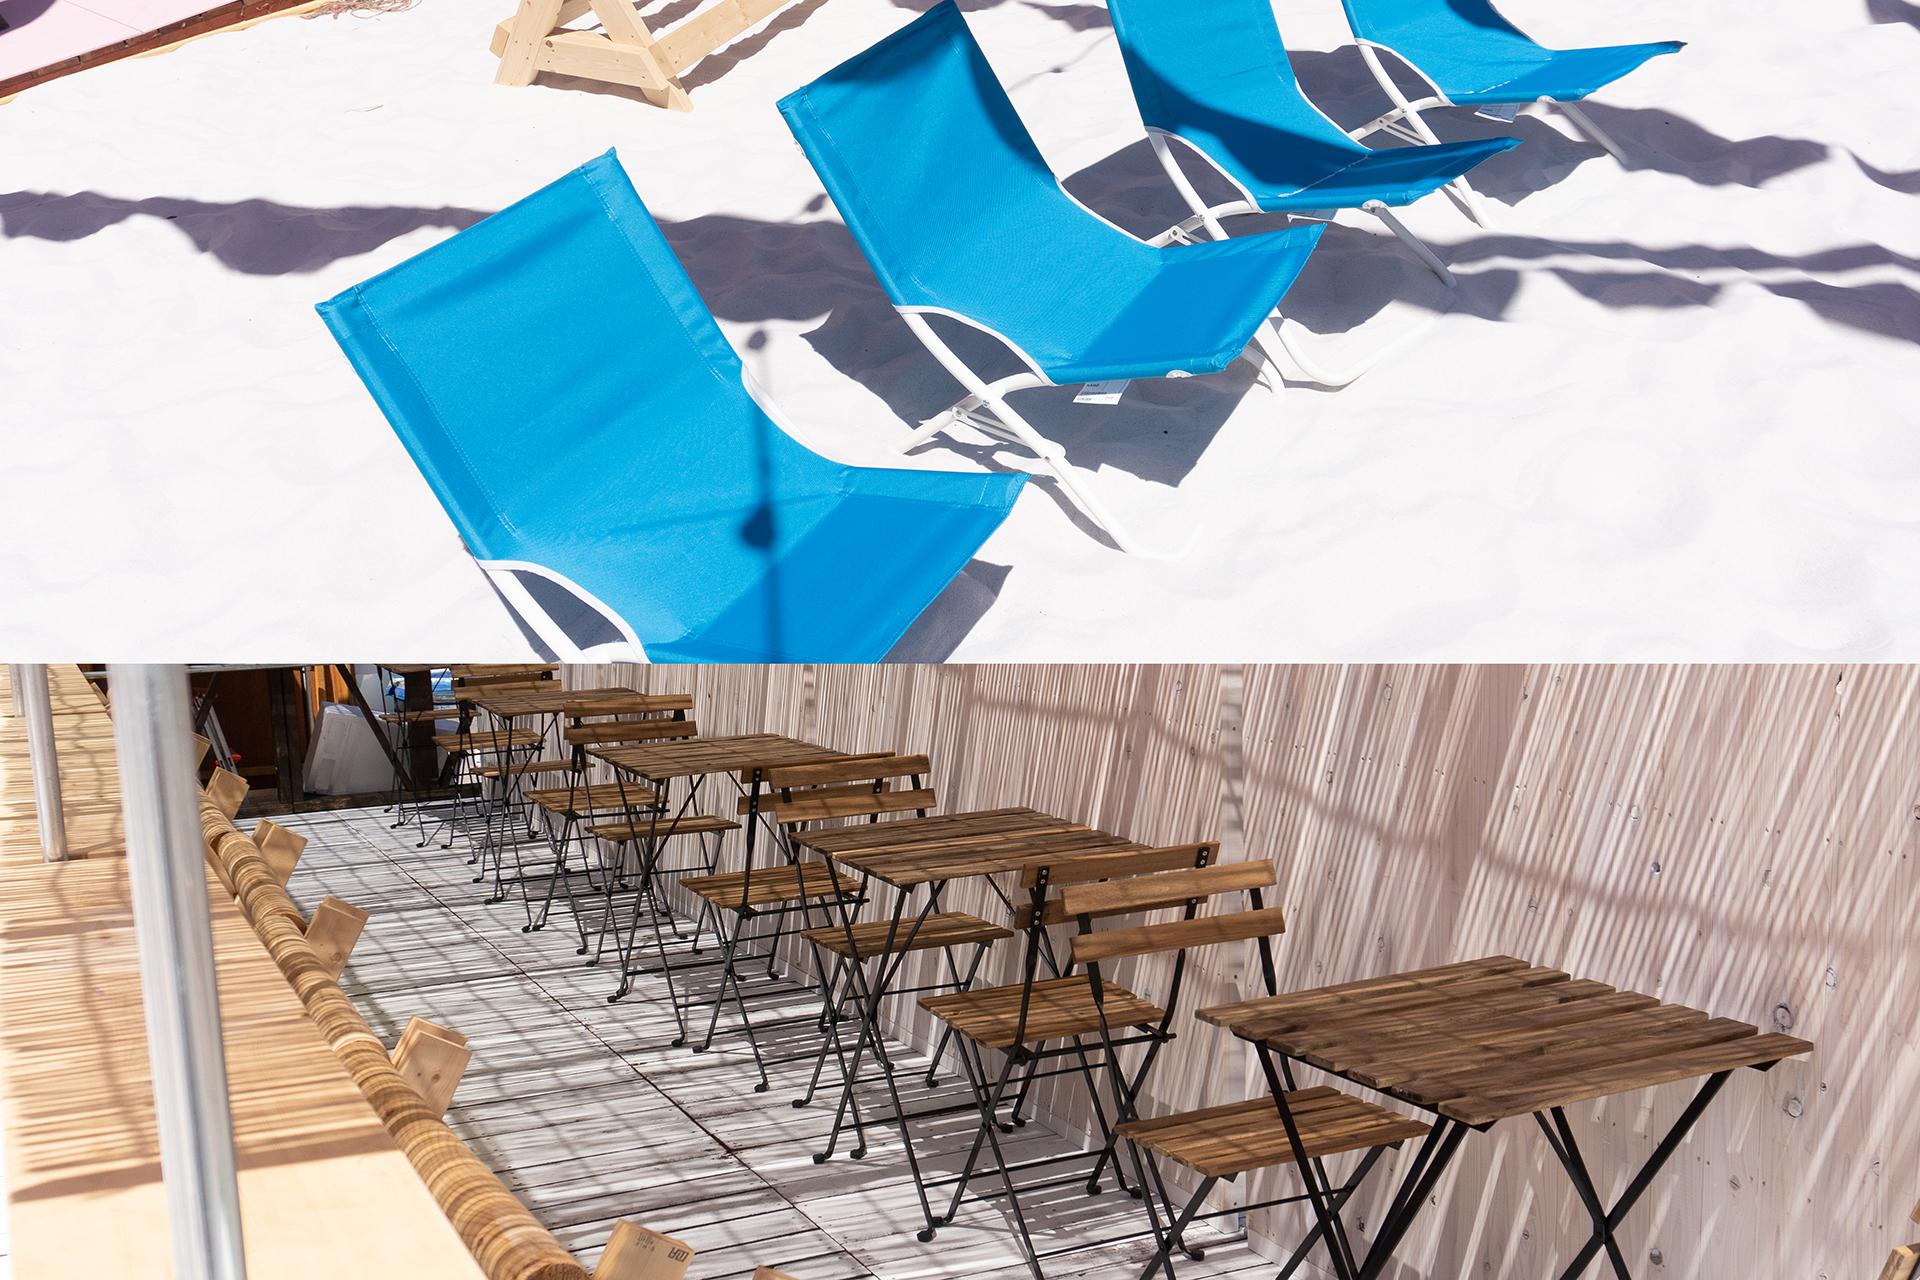 この写真は「レッドブリックビーチ」の砂浜のベンチ